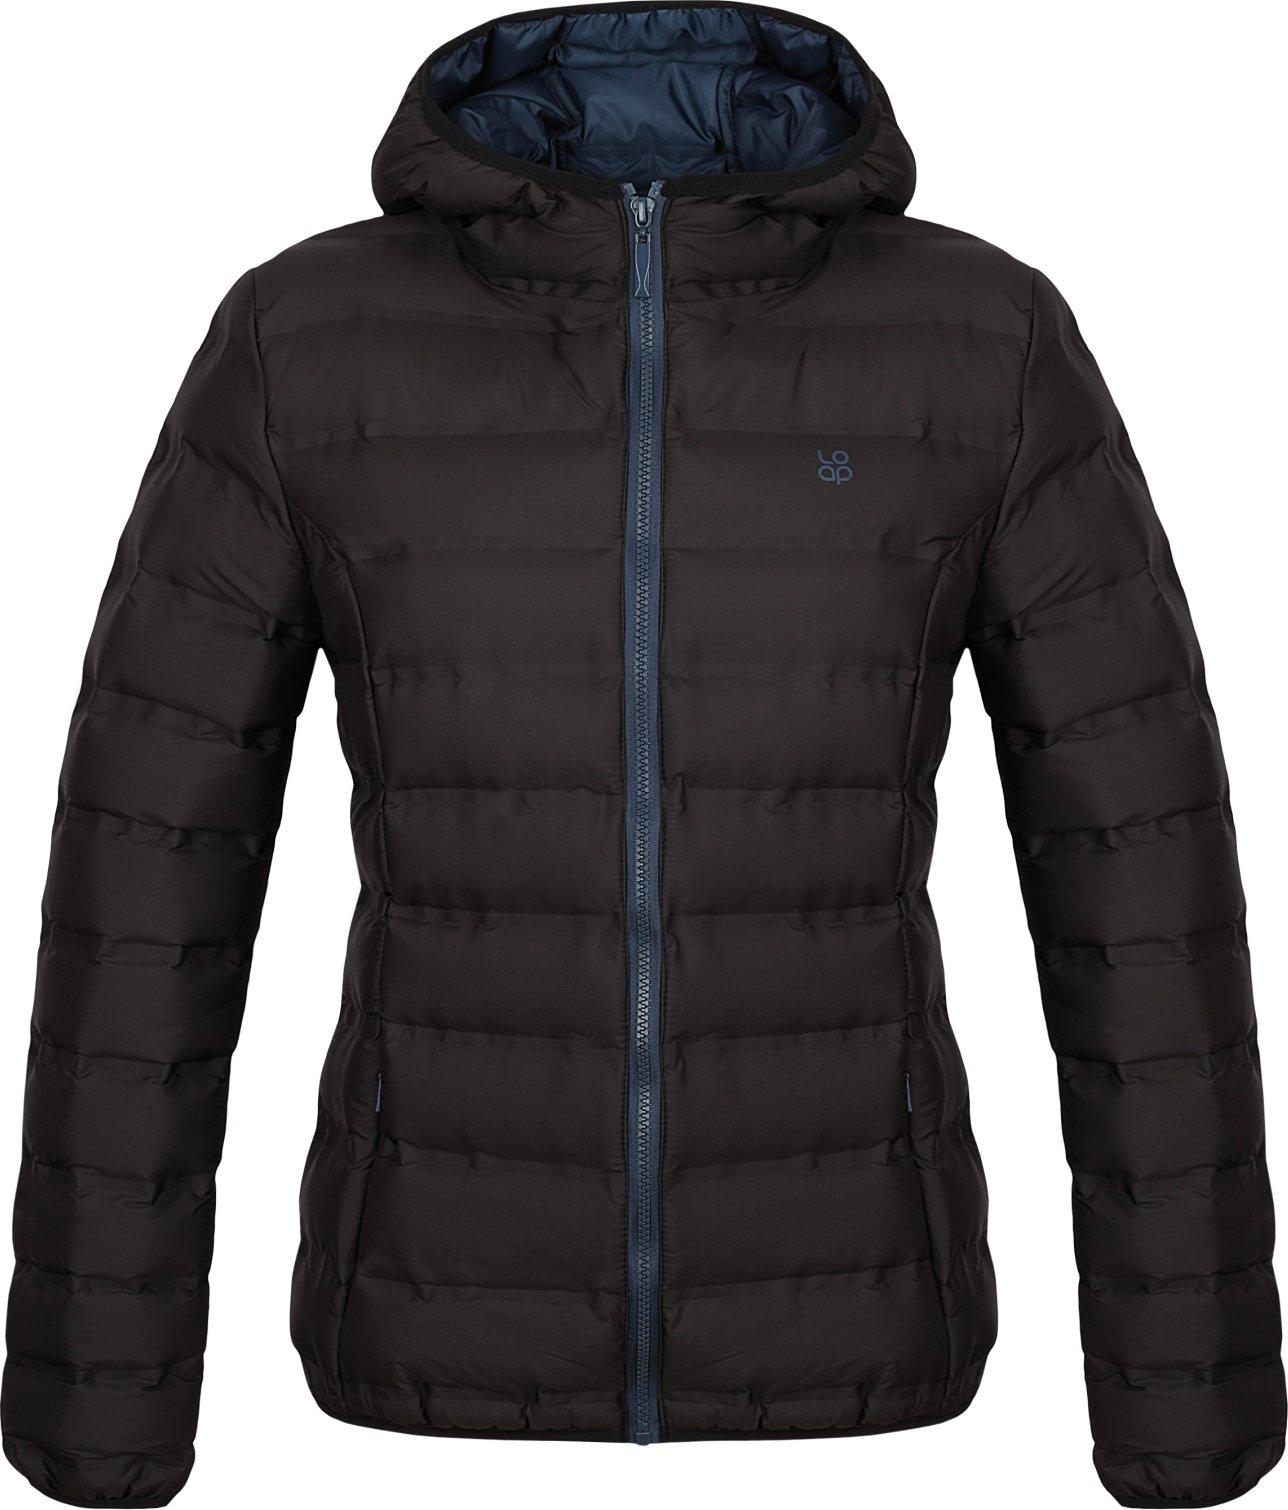 Dámská zimní bunda Loap Itariema černá S